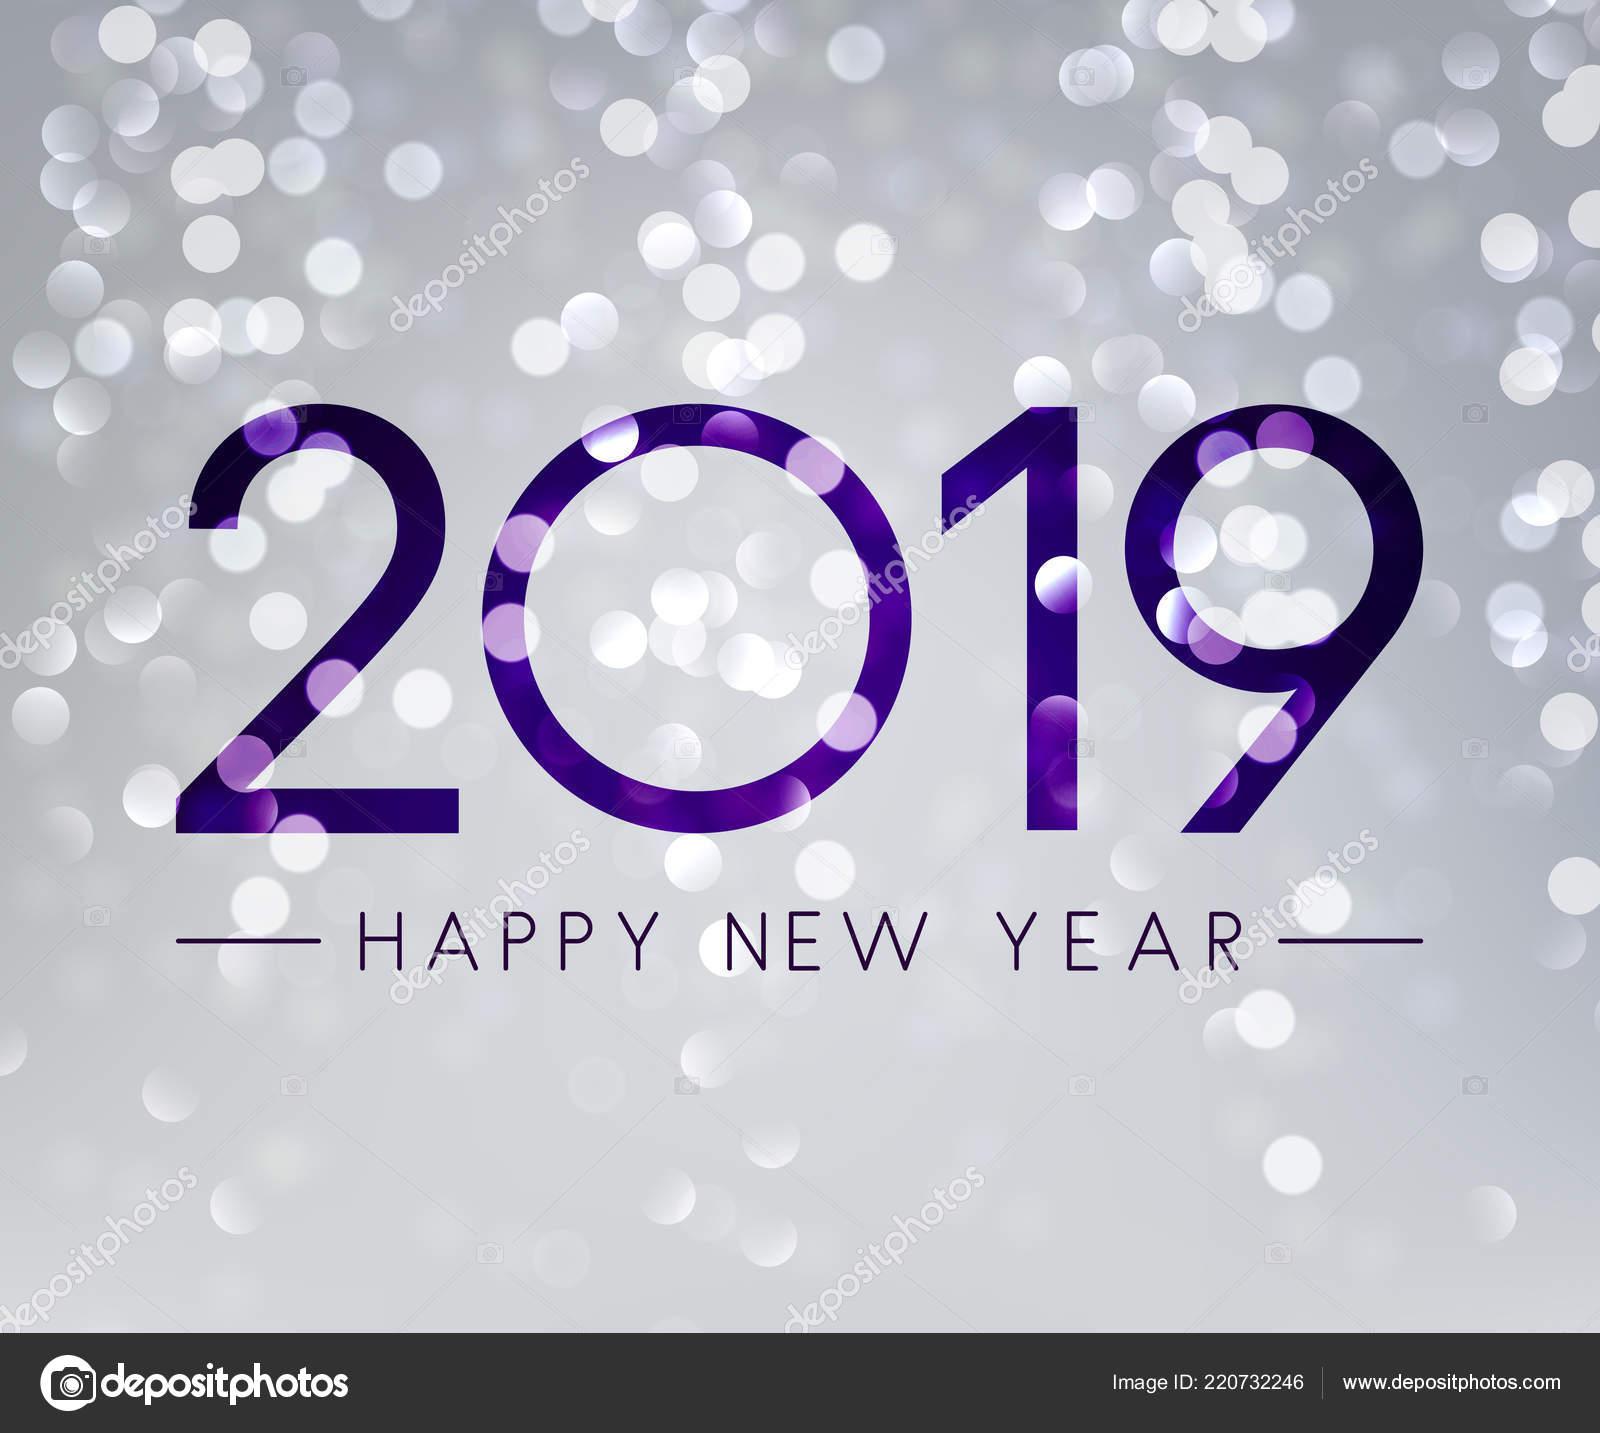 download bokeh video full hd 2019